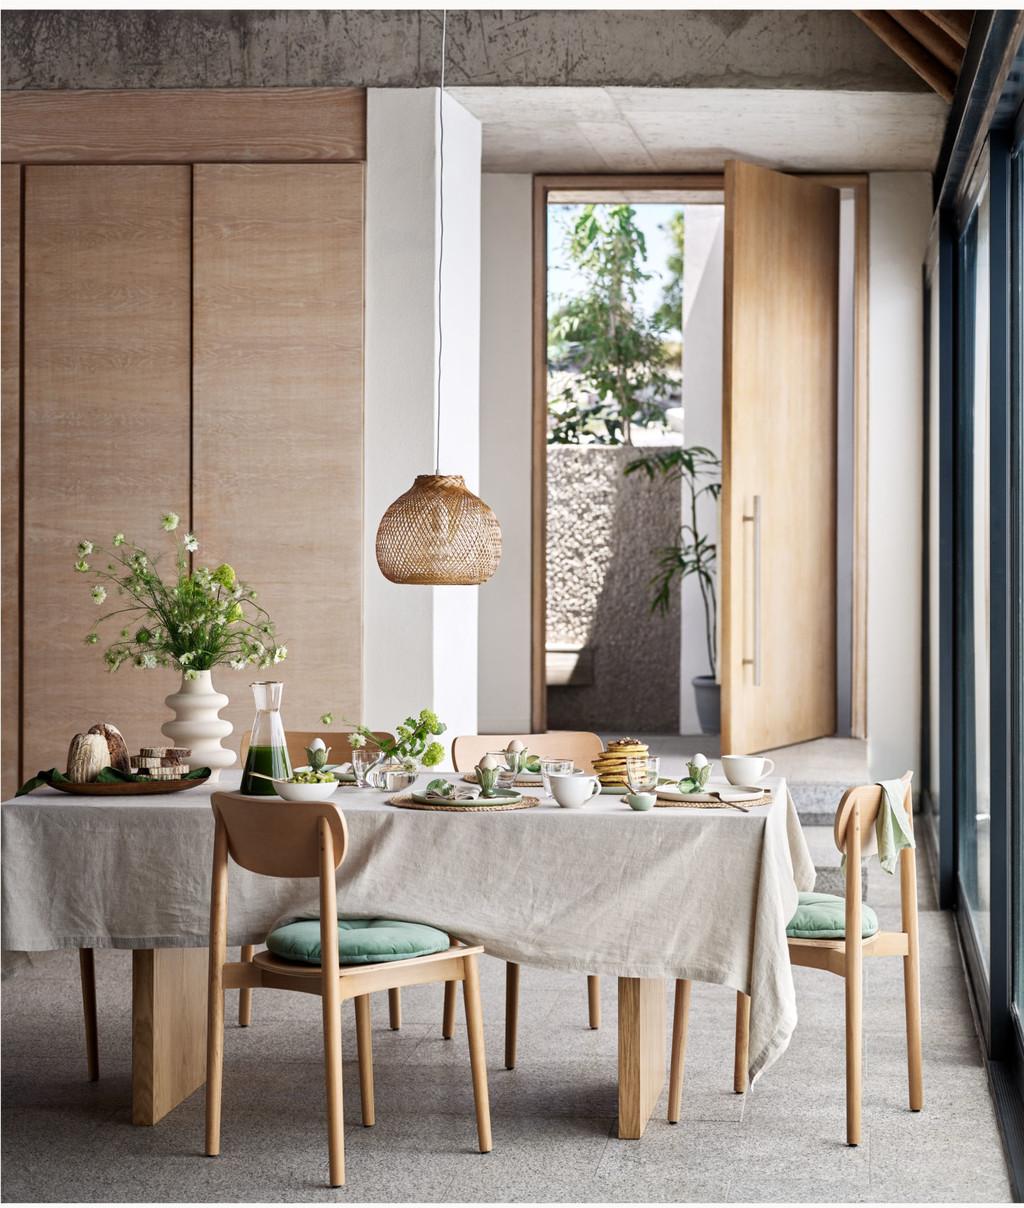 Inspiración para poner una mesa bonita este fin de semana en casa con lo último de H&M Home